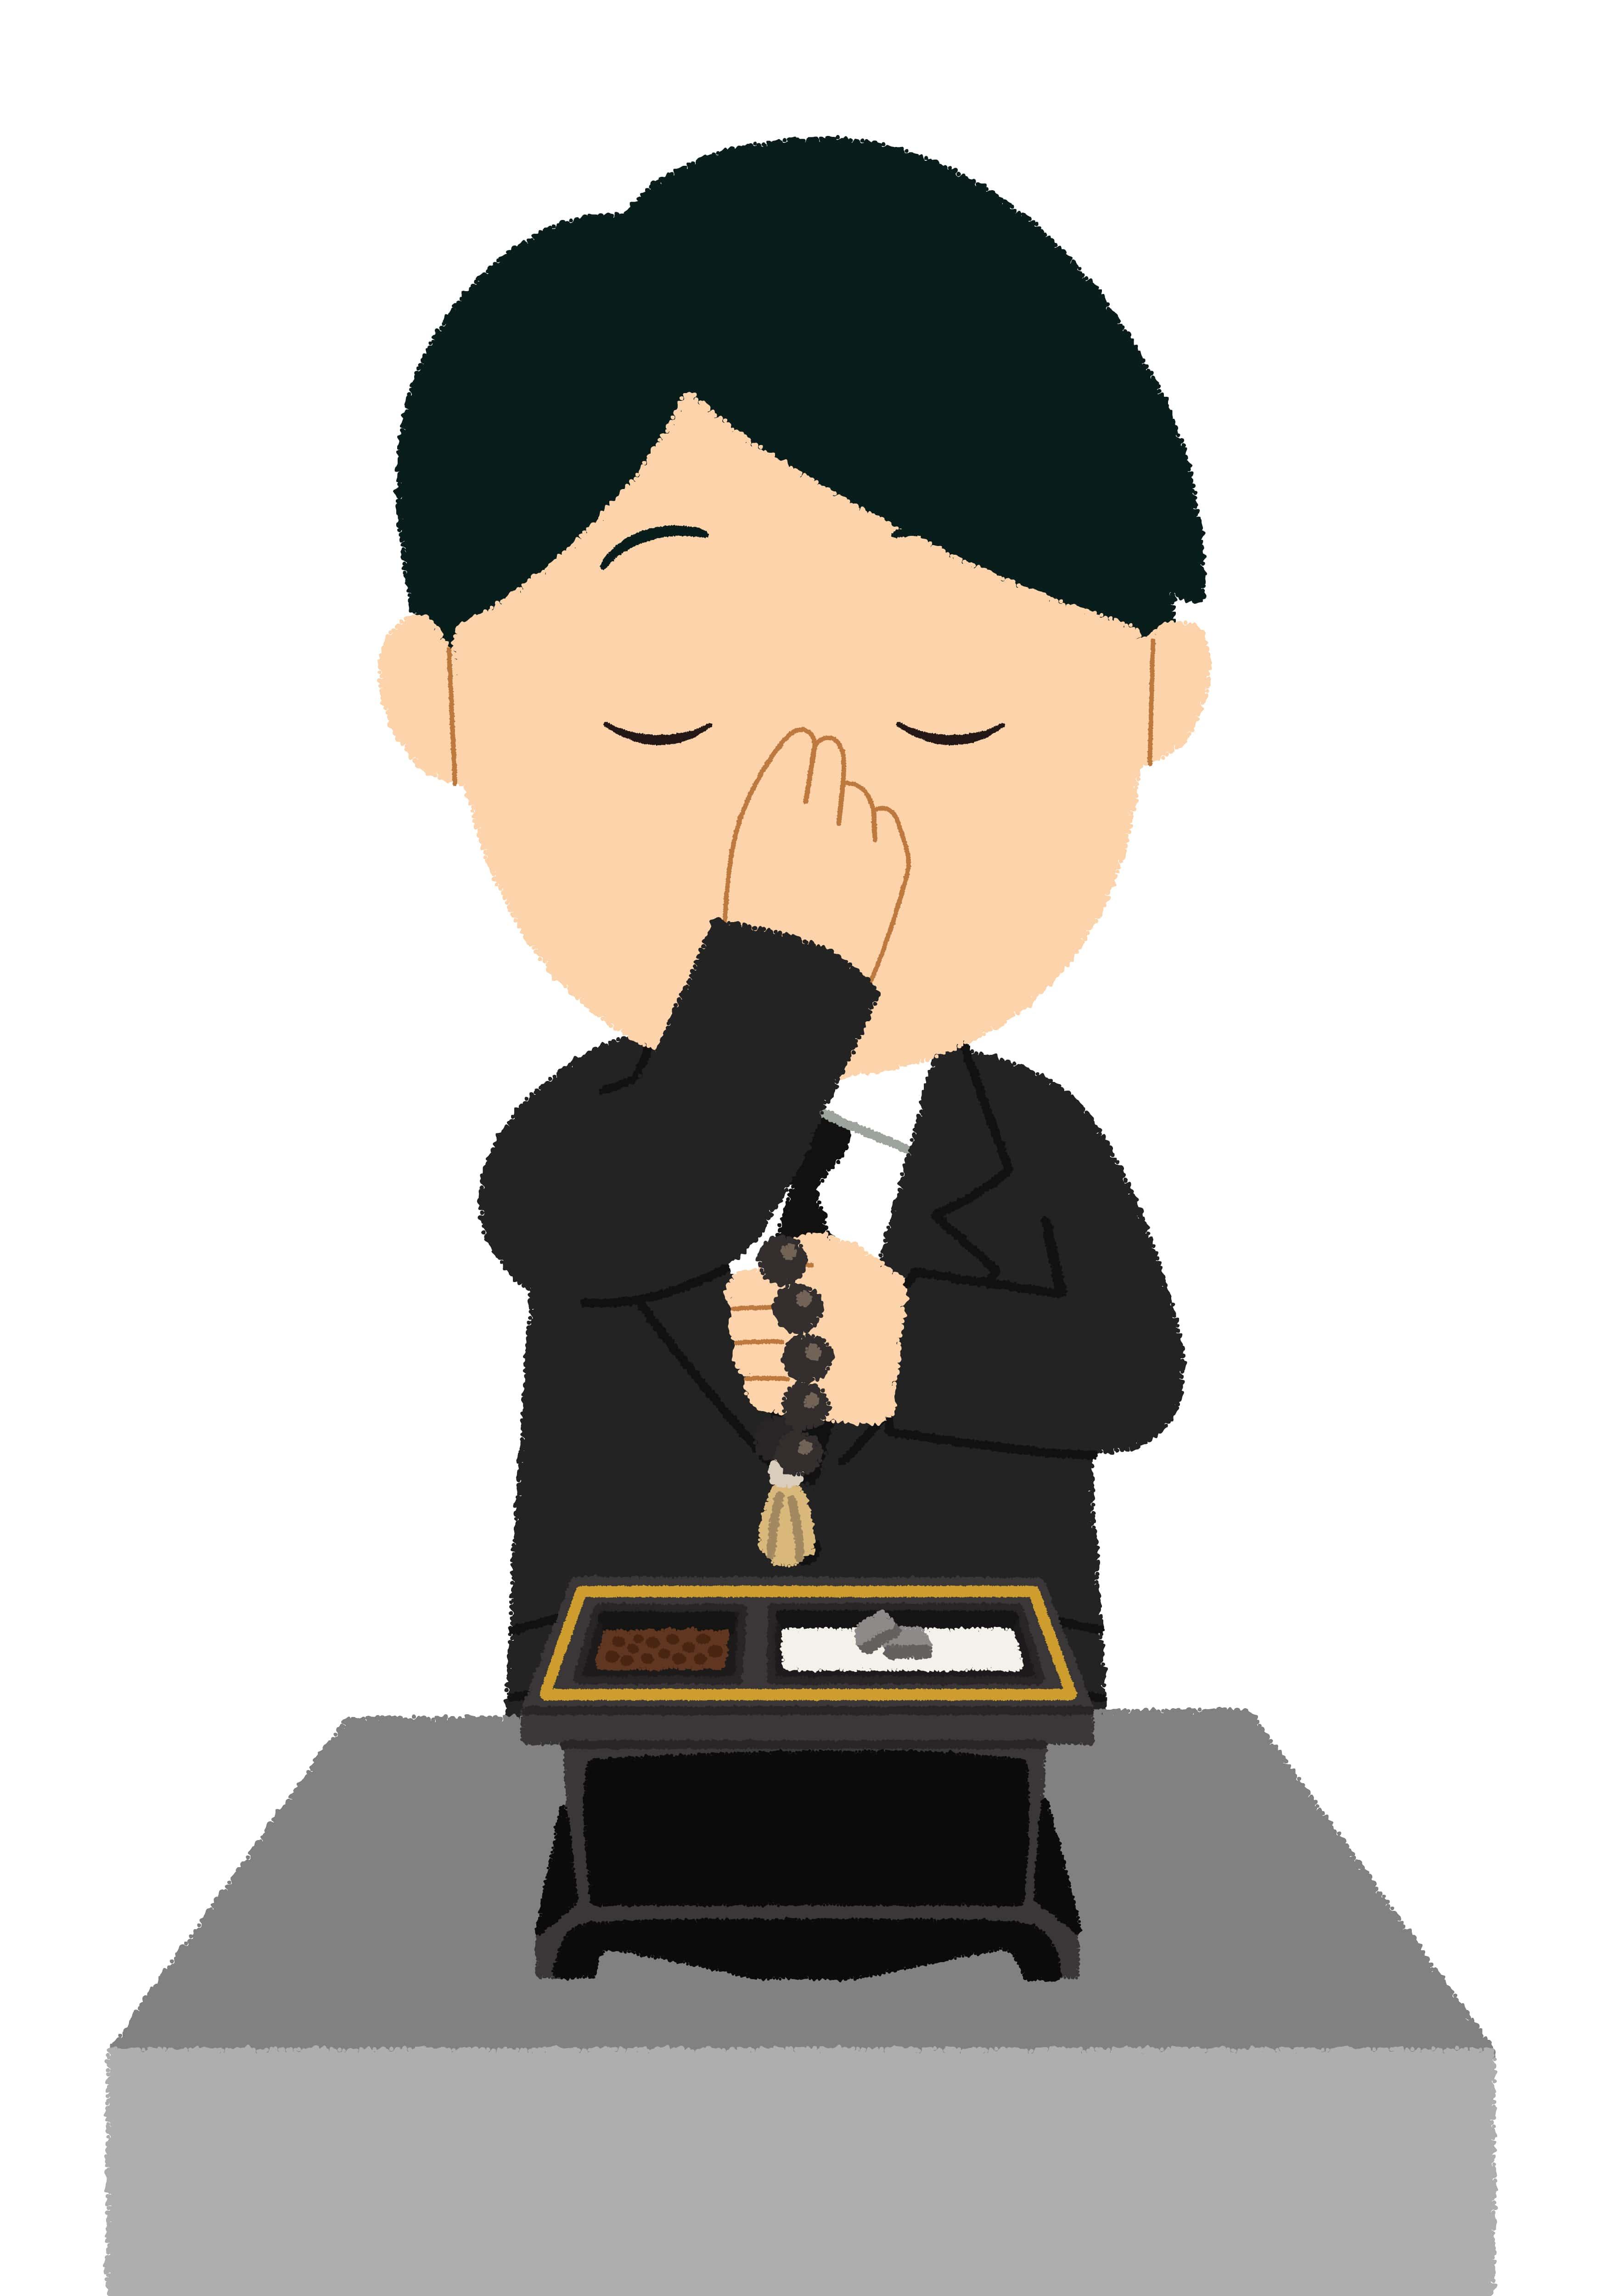 葬儀・お葬式・お通夜のマナー礼儀作法、服装などを解説